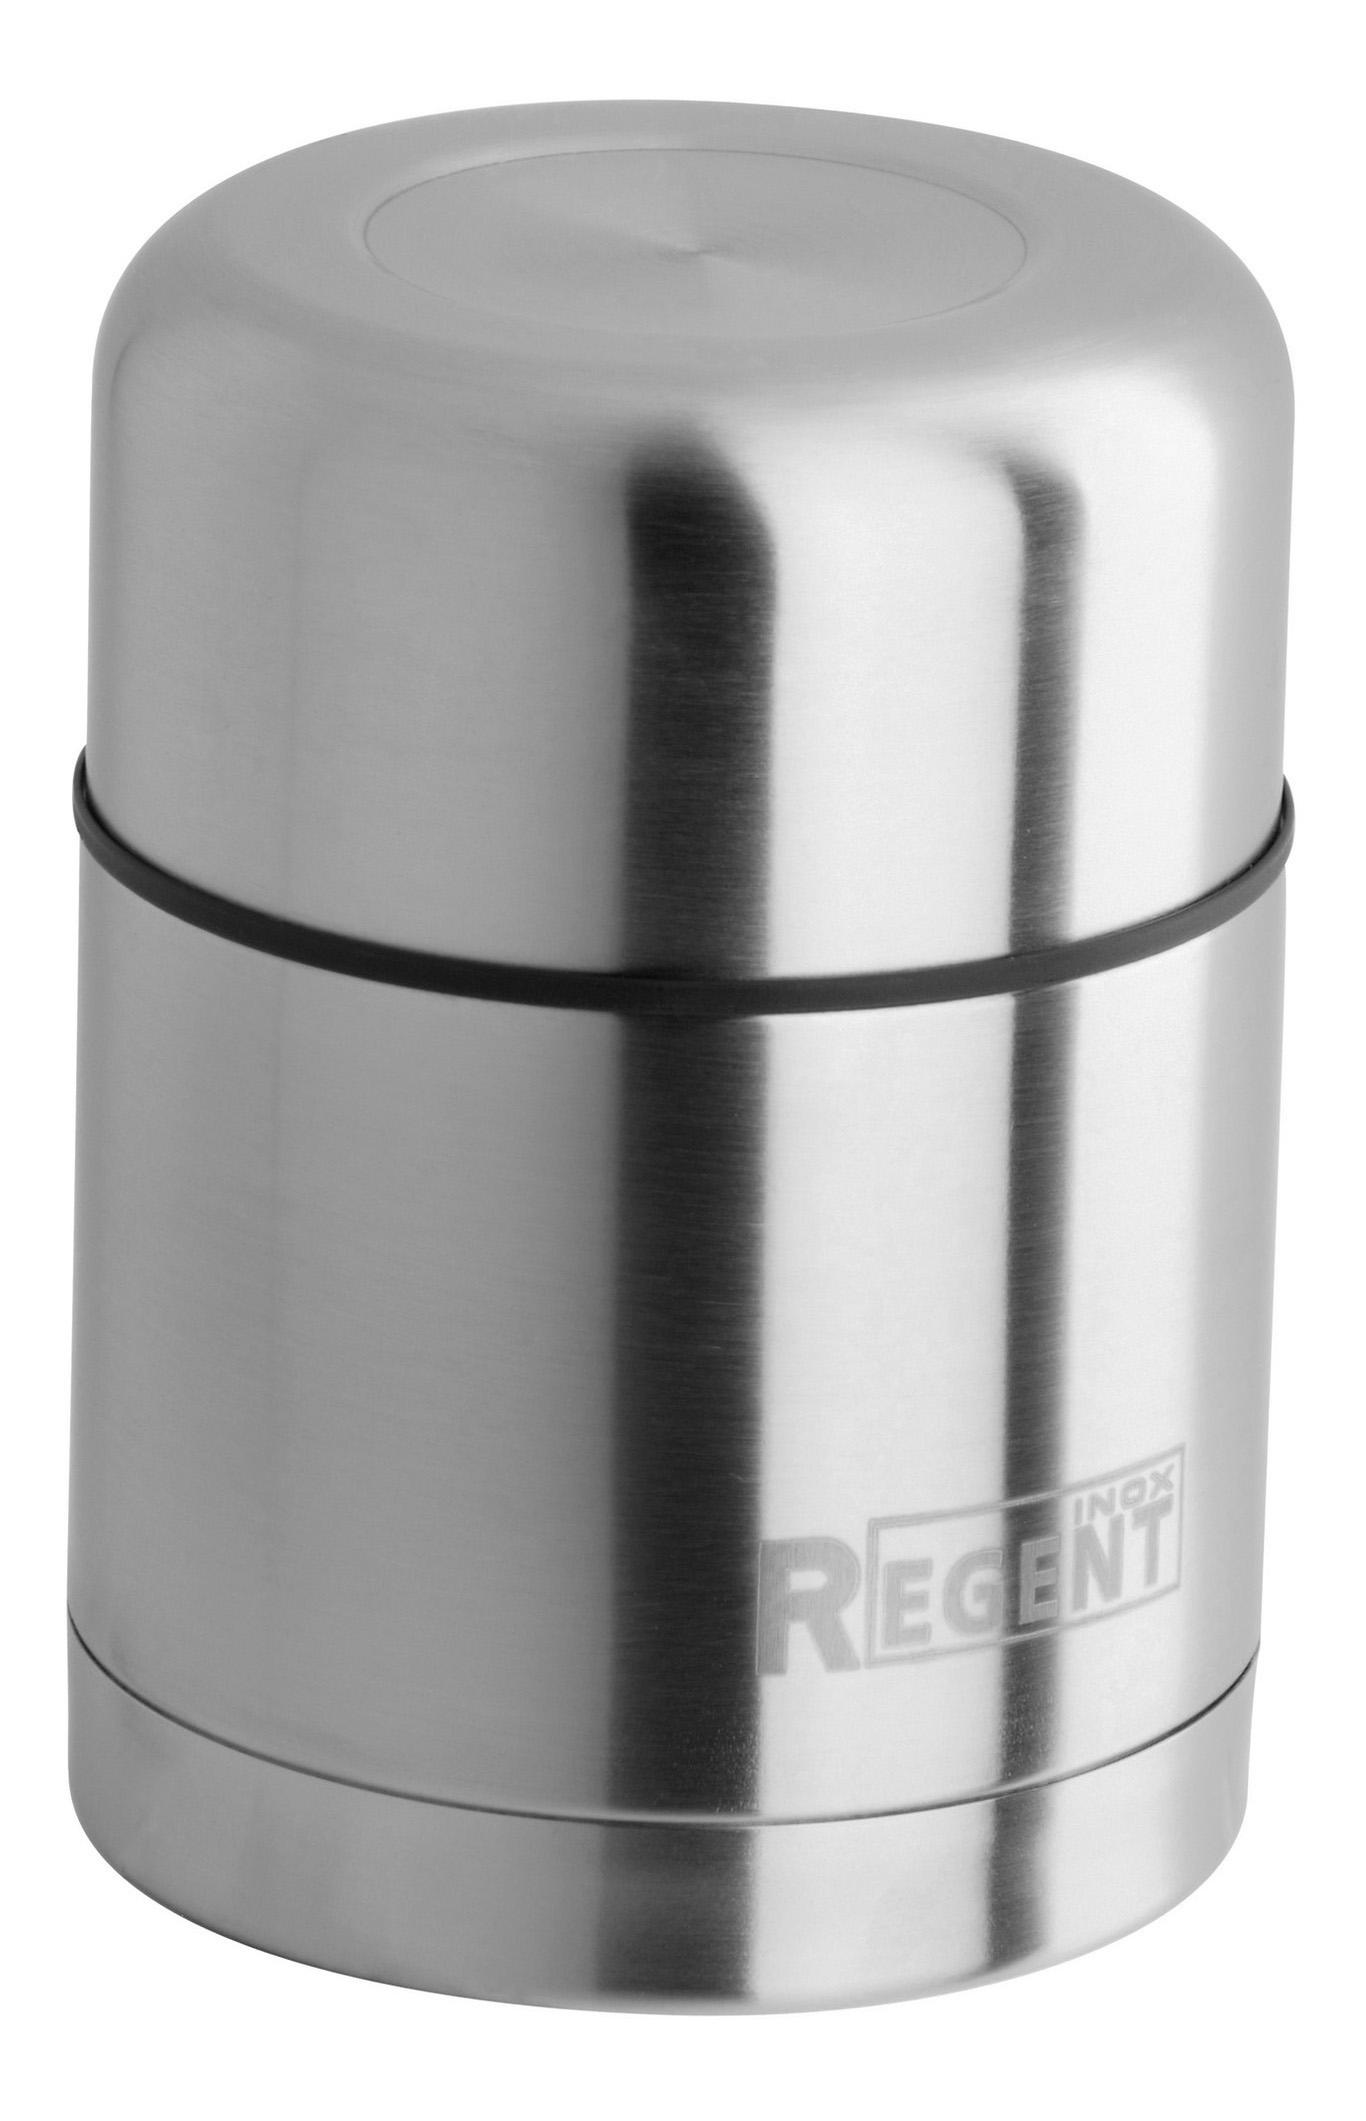 REGENT INOX SOUP